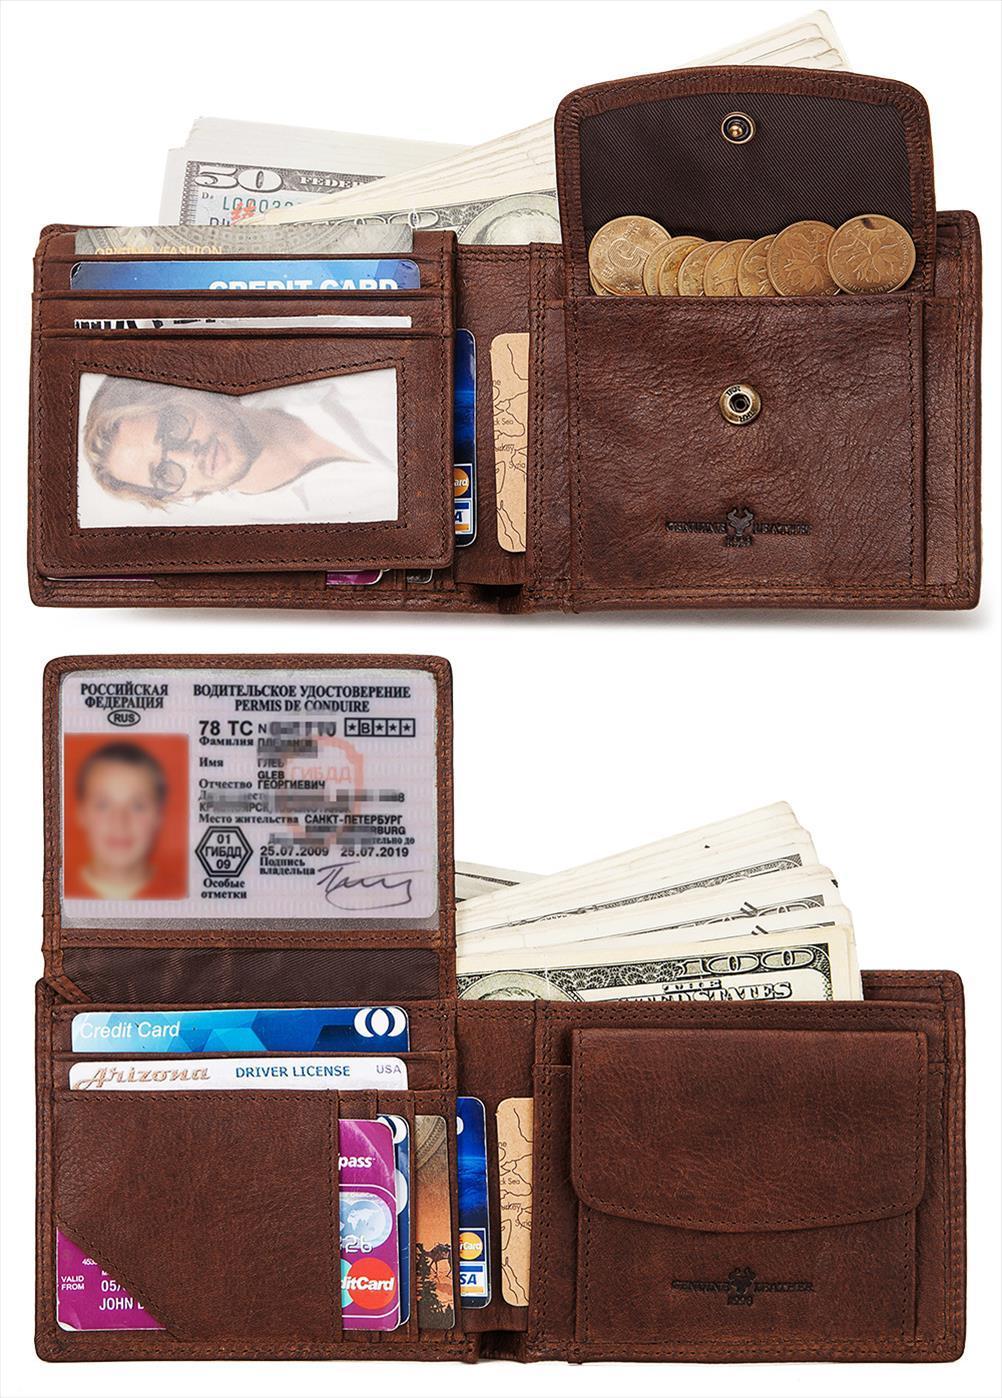 Kavis bolsillo bolso billetera walet hombres cuero pequeño cuzdan 100% monedero monedero moneda masculino hombres genuino y cuero perse Mini cremallera Okpvs